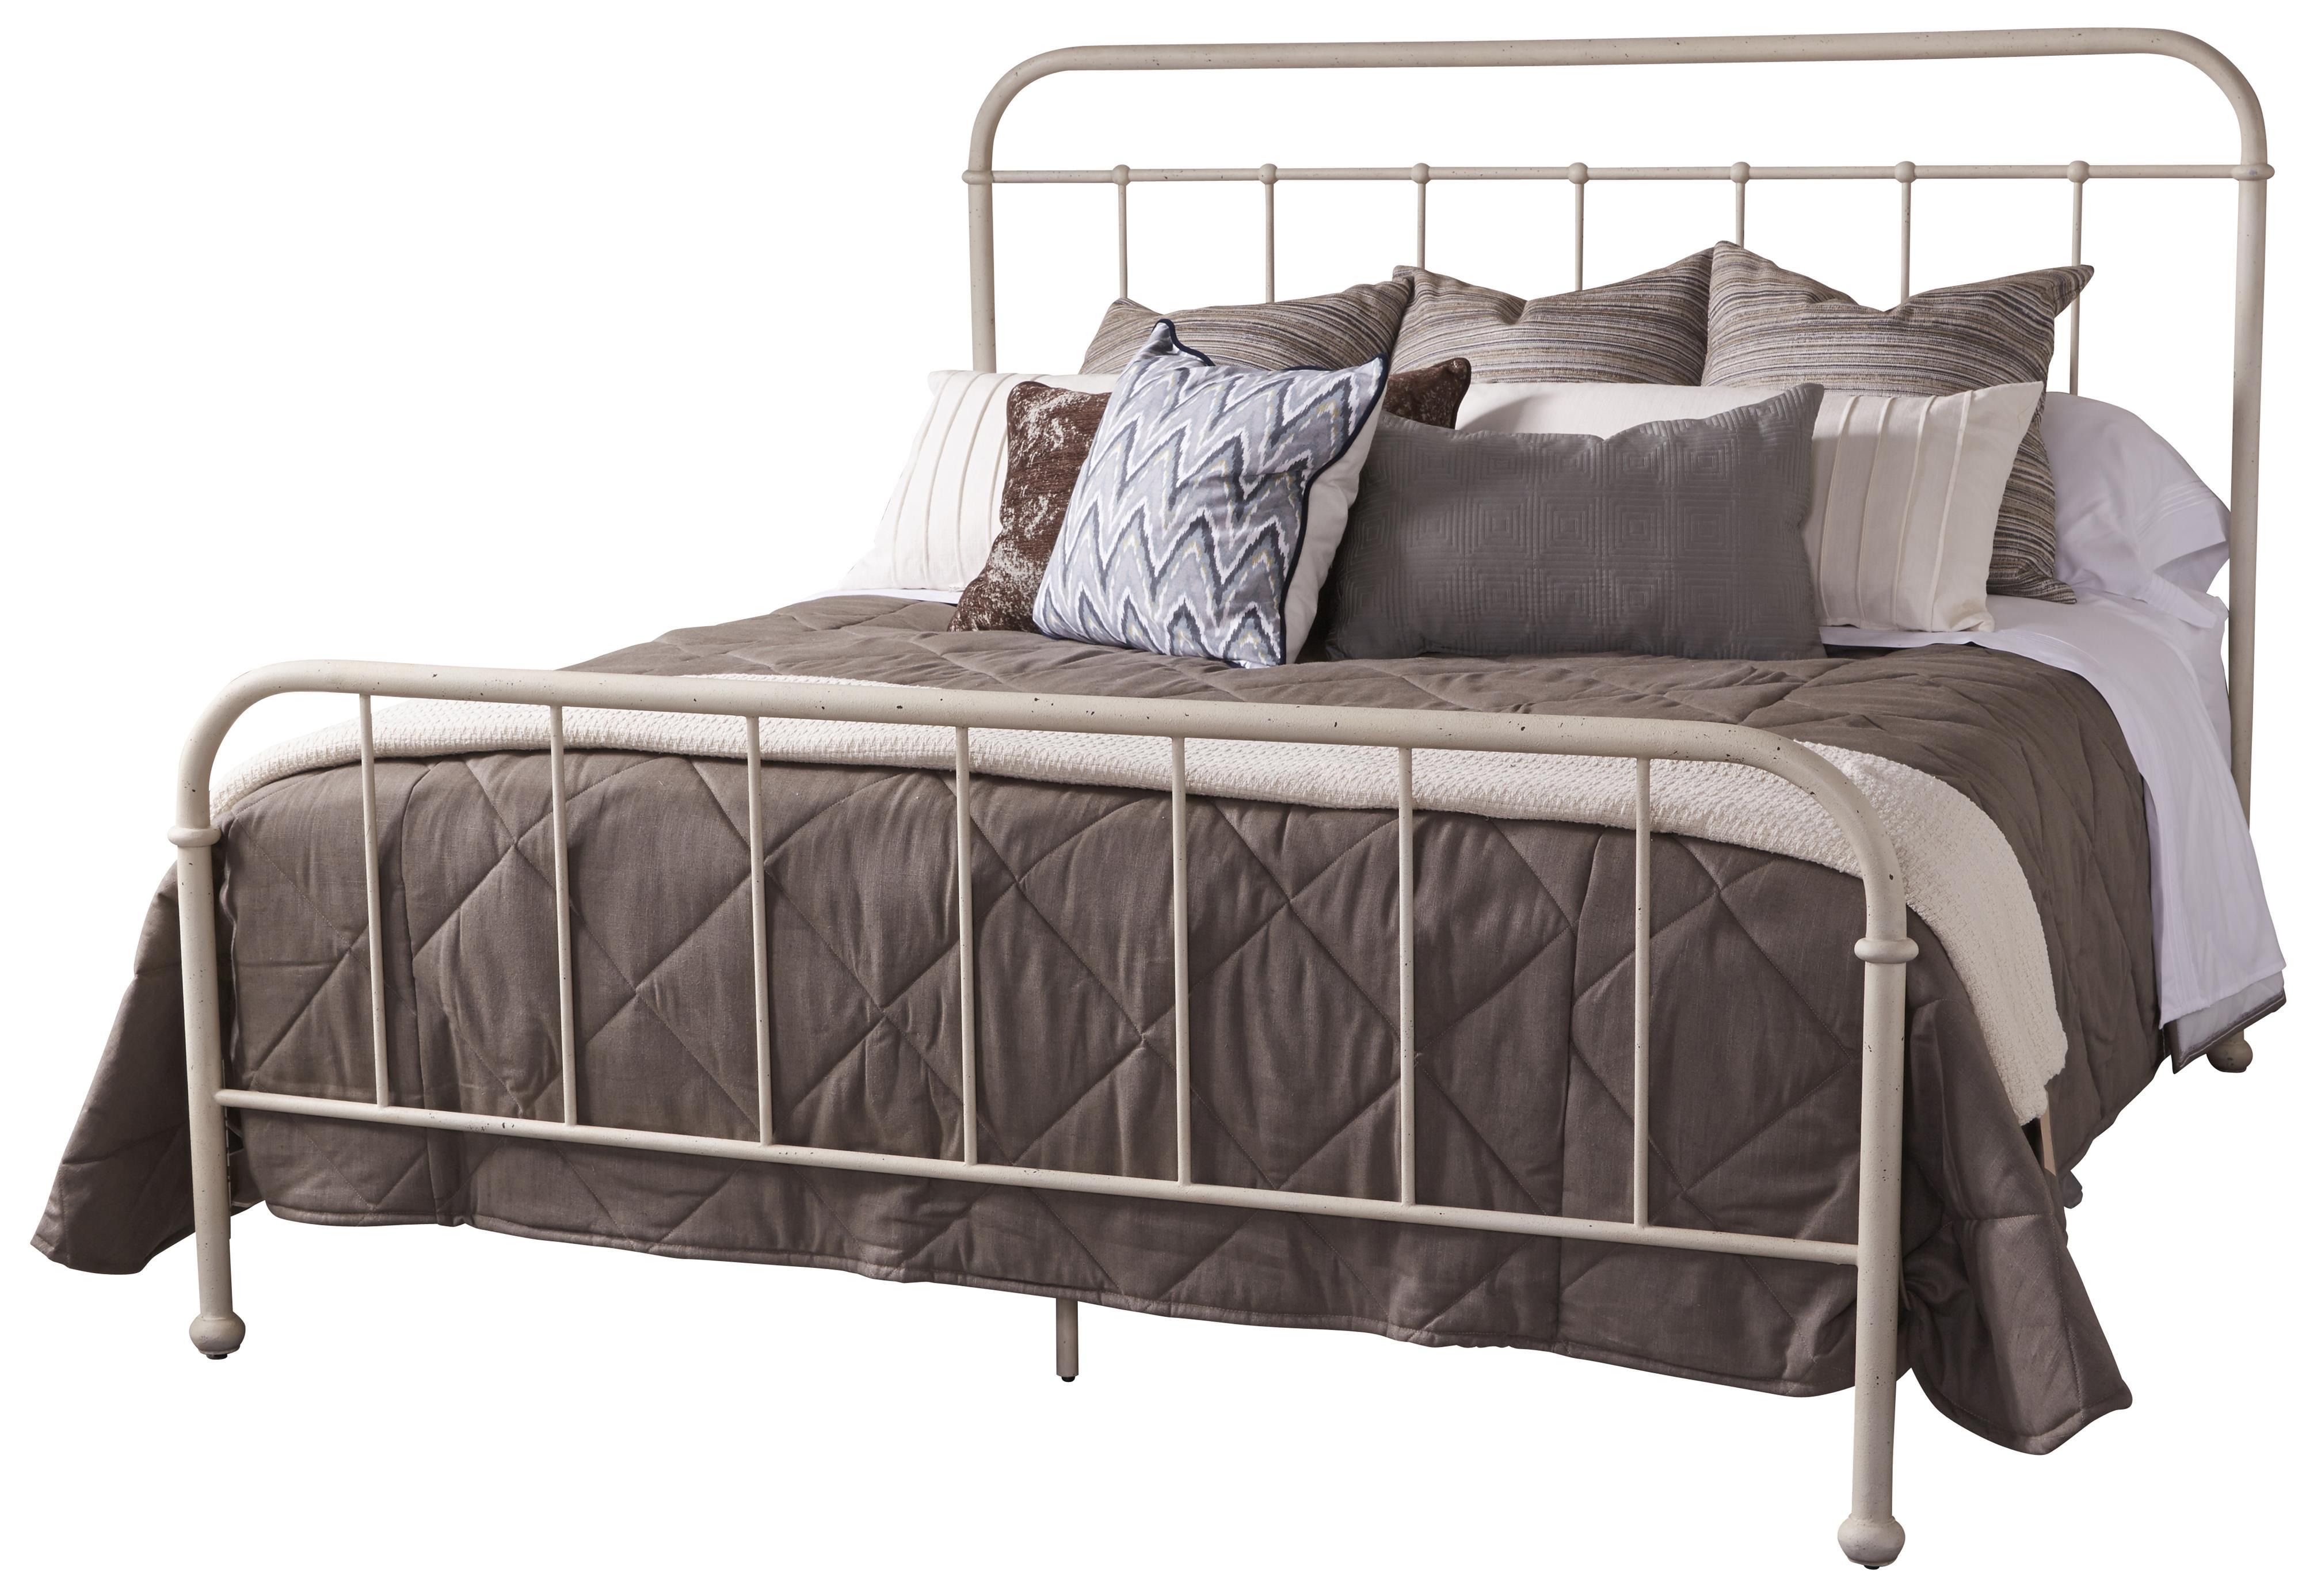 Belfort Signature Urban Treasures Queen Shaw Metal Bed - Item Number: 223135-2617